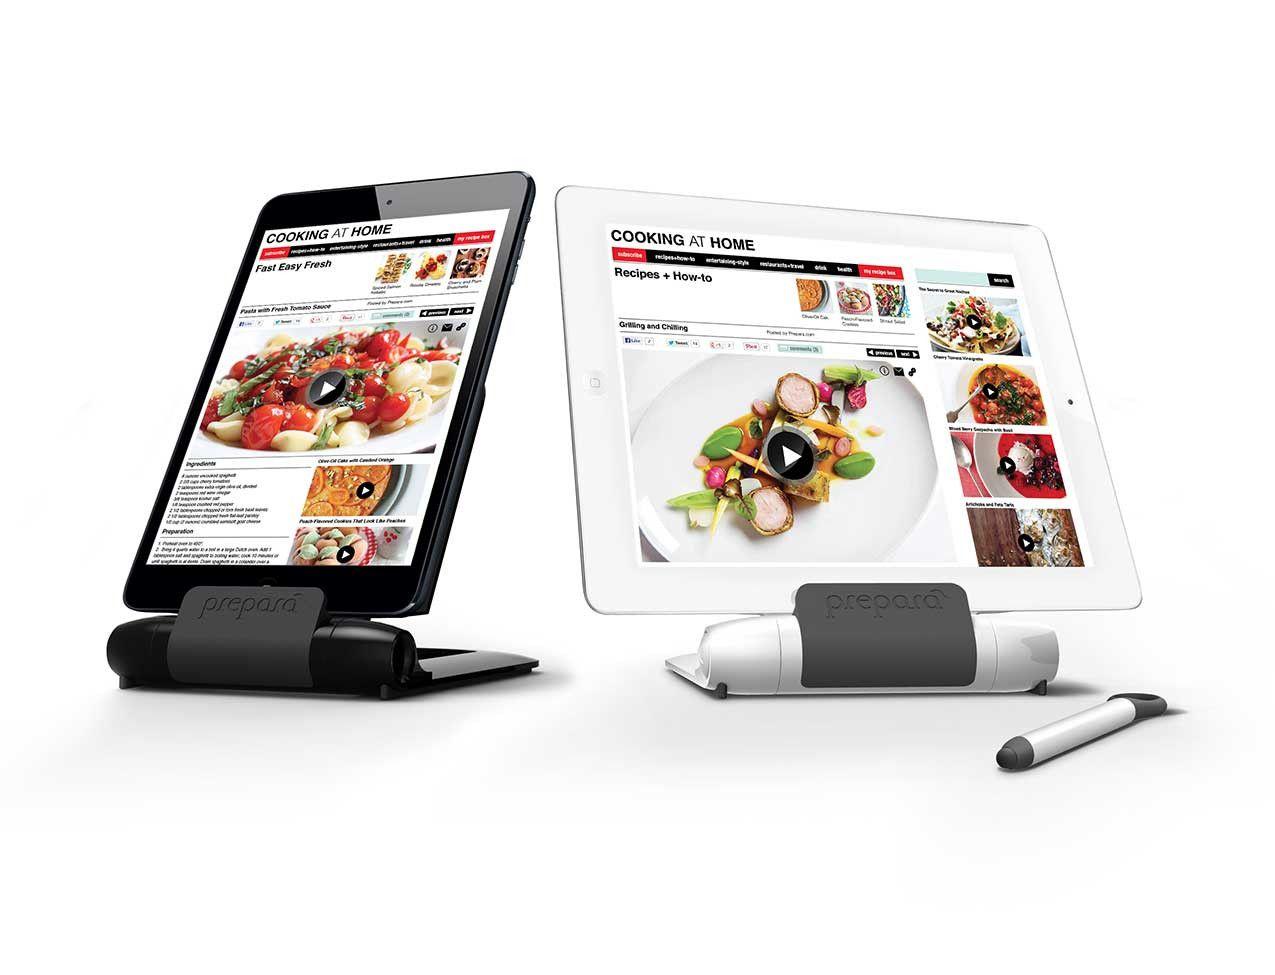 Prepara iPrep tablet kitchen stand